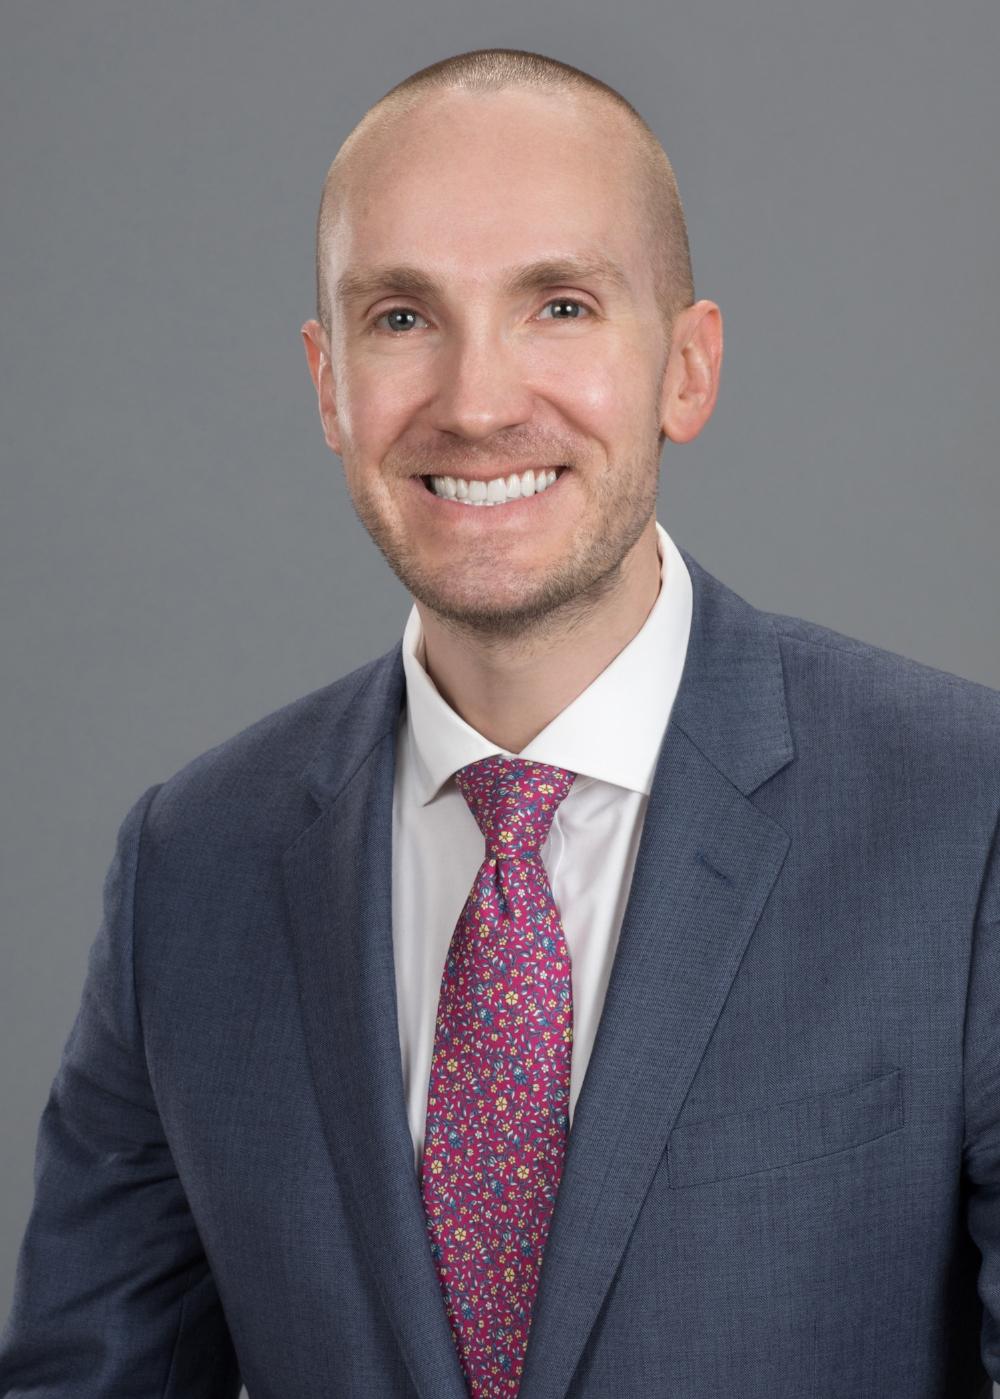 Dustin A. Lewis, HLS PILAC Senior Researcher